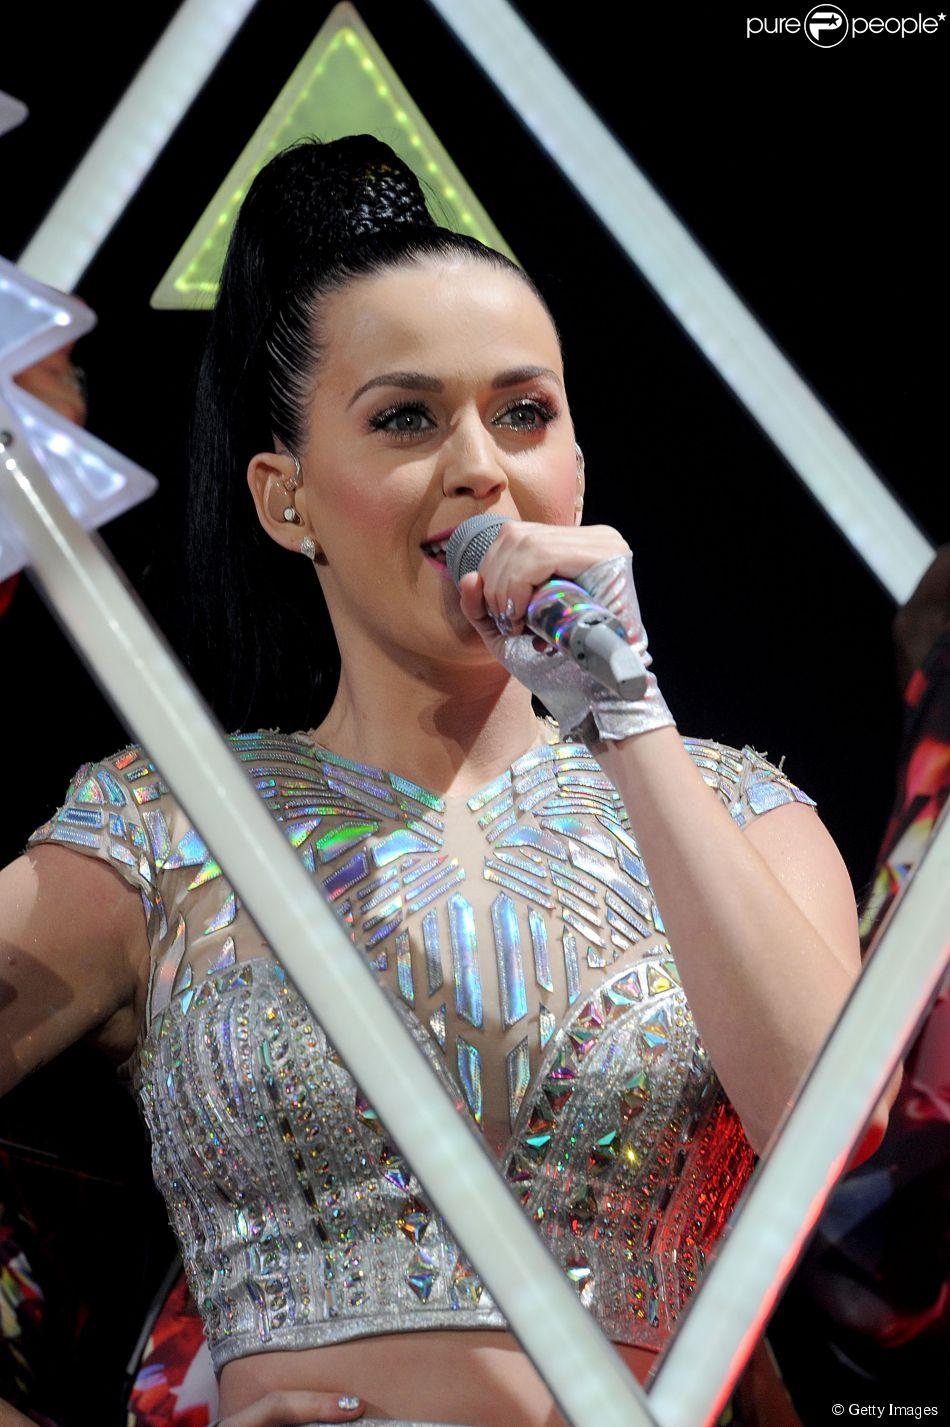 Katy Perry é o primeiro nome confirmado para se apresentar no Rock in Rio 2015 no Brasil. A confirmação aconteceu em Nova York, nesta sexta-feira, 26 de setembro de 2014